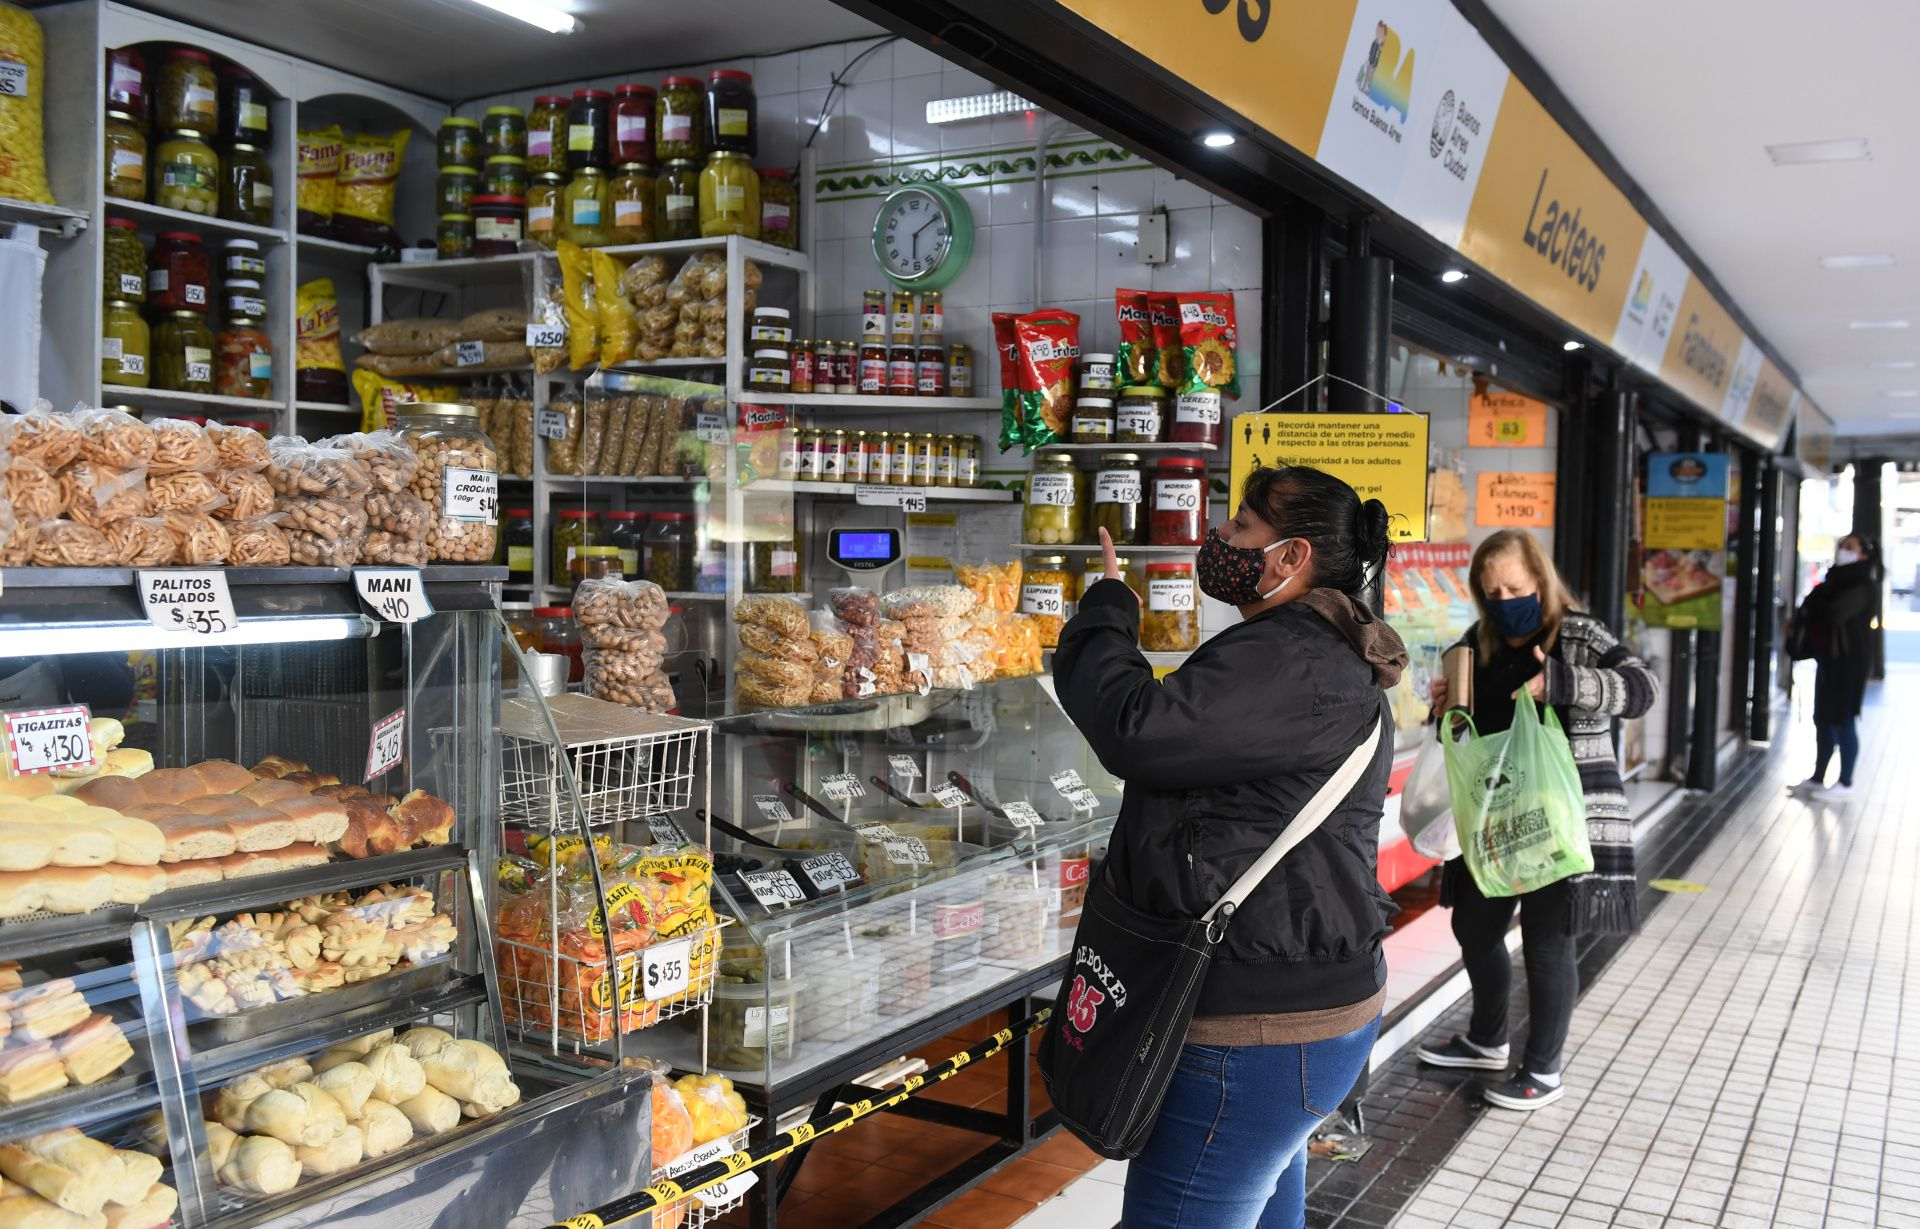 Una vecina del barrio de Caballito mantiene los dos metros de distancia aconsejados mientras una mujer realiza una compra en una de las ferias que tiene el gobierno de la Ciudad